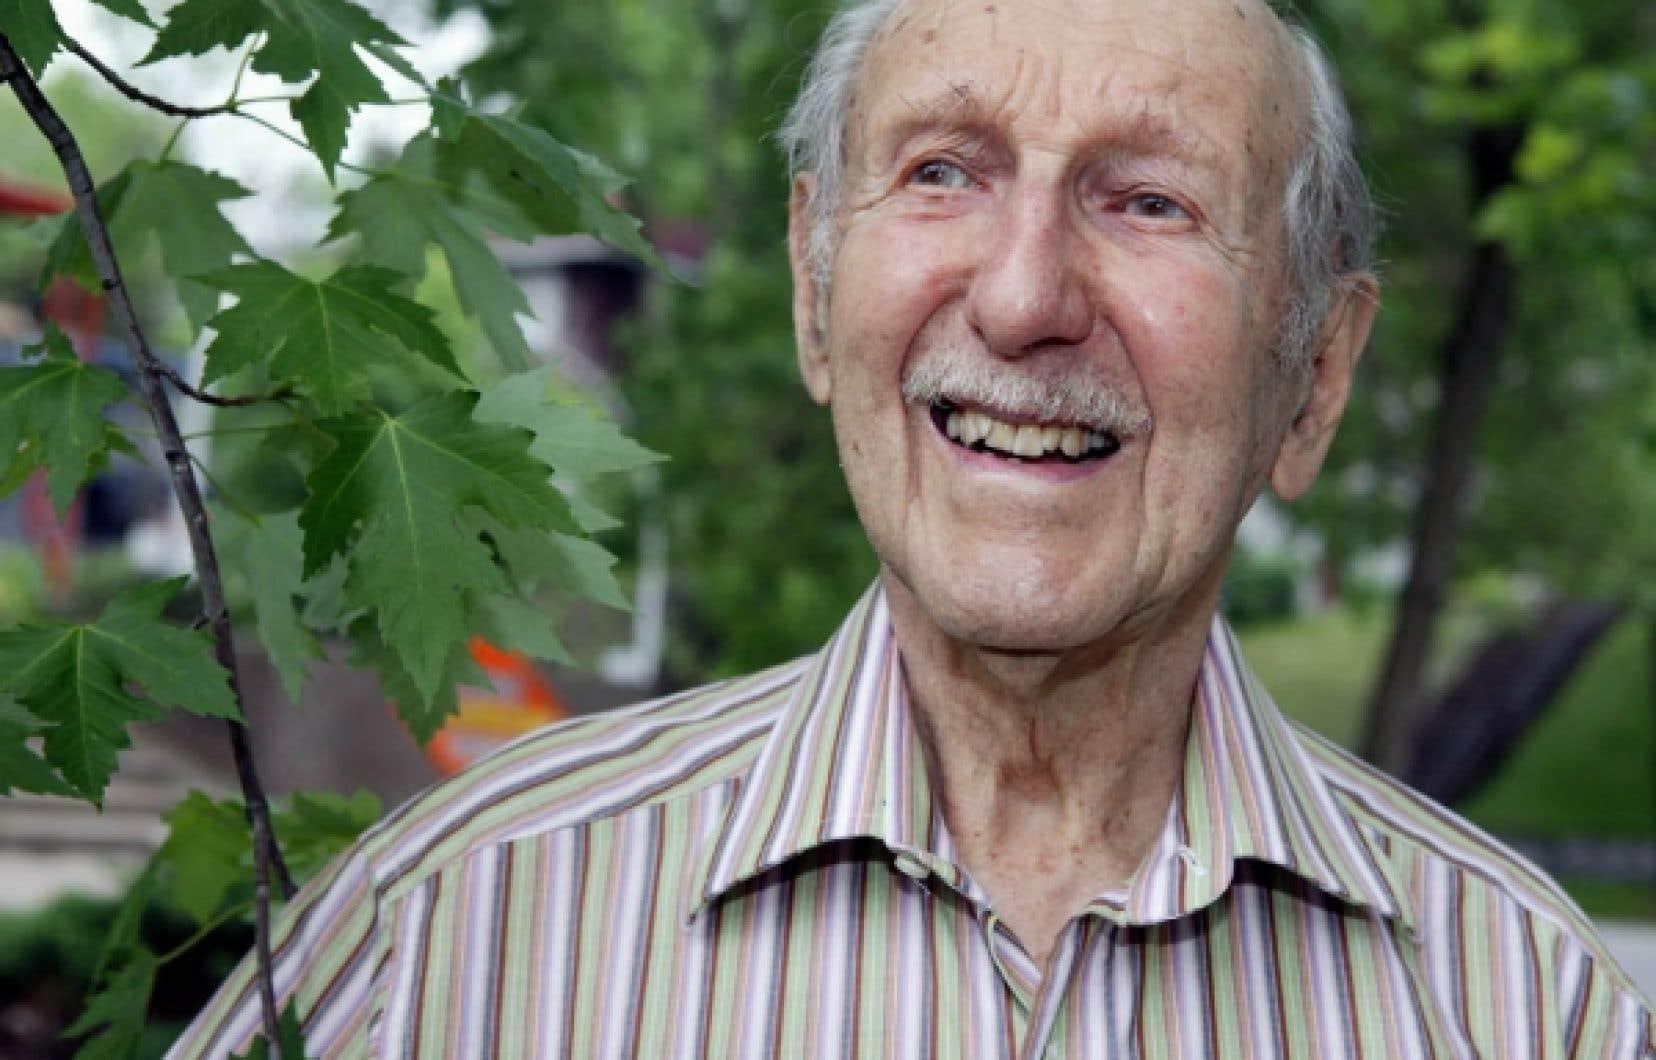 Pierre Dansereau en 2006. Le scientifique québécois, pionnier de l'écologie à l'échelle mondiale, s'est éteint hier à Montréal. Il aurait eu 100 ans mercredi prochain.<br />